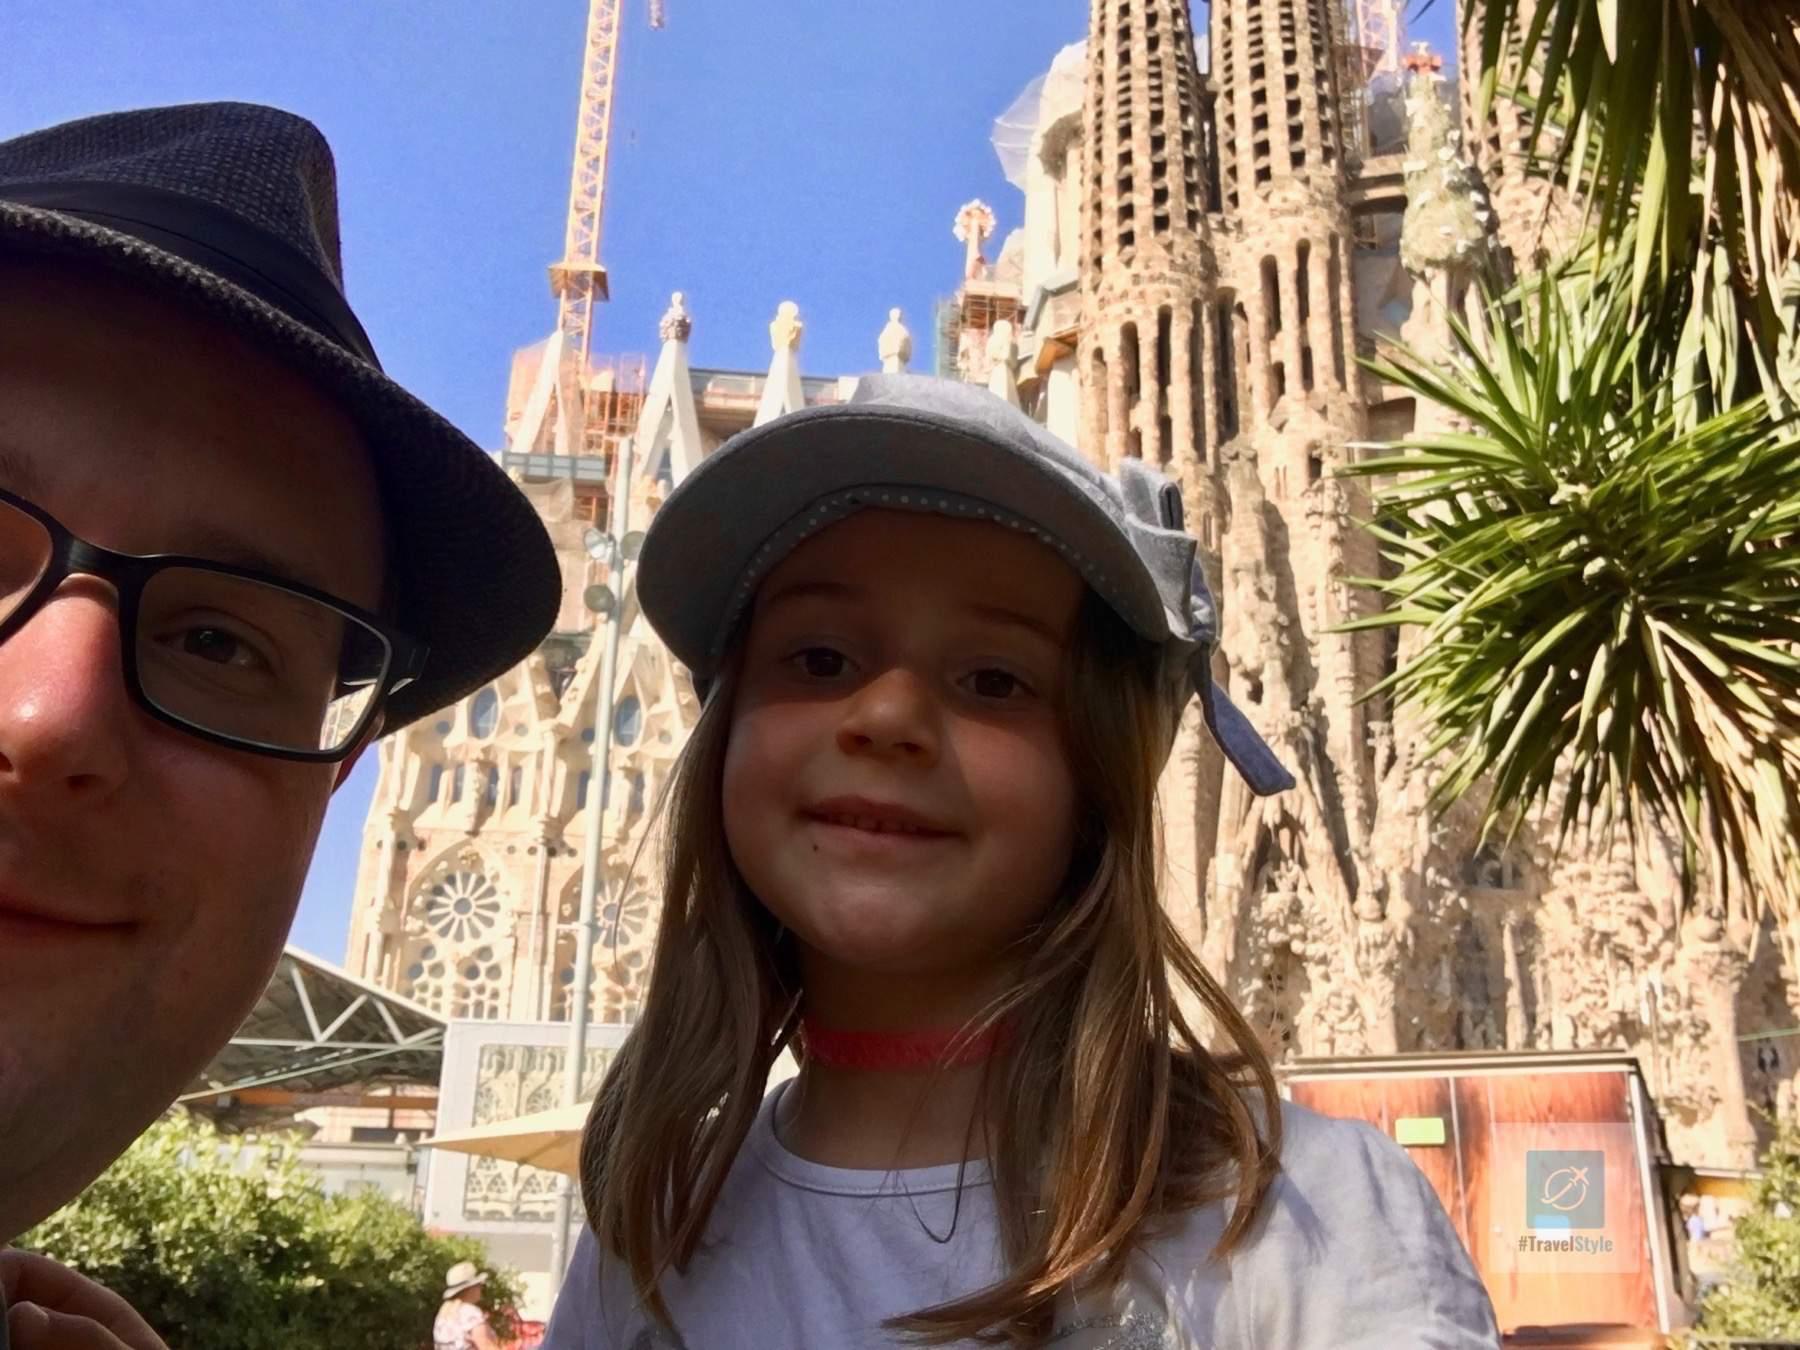 Noch kurz warten auf unseren Einlass in die Familia Sagrada